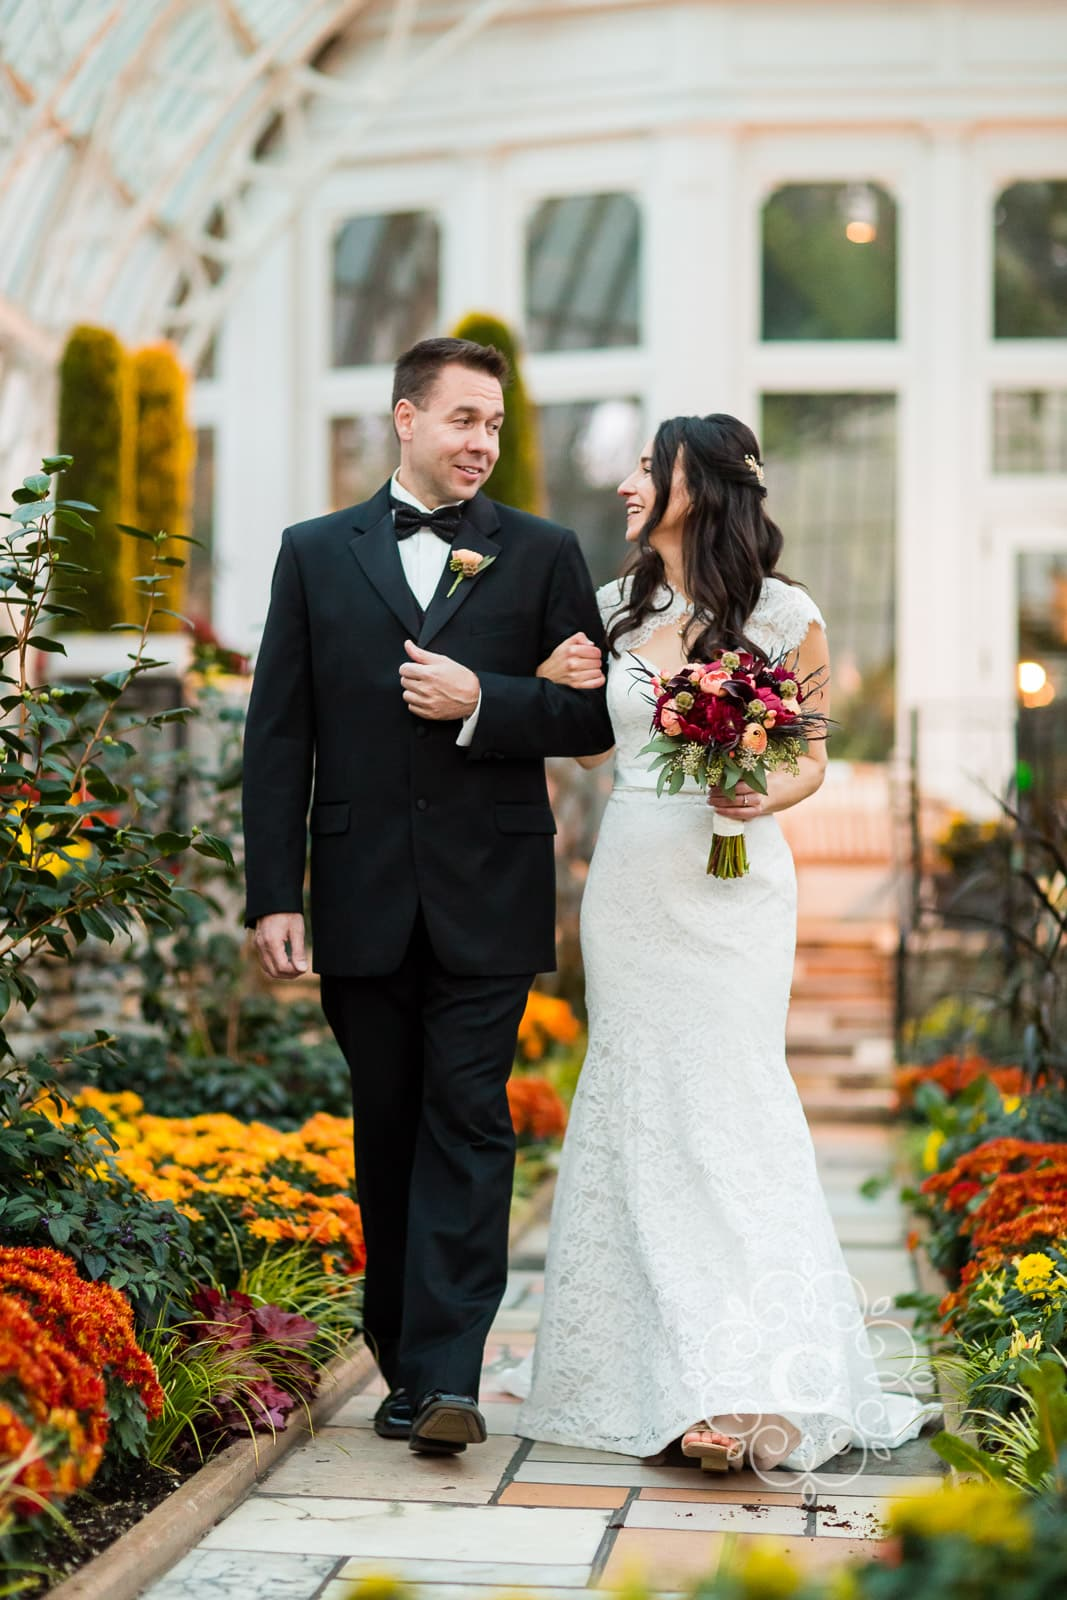 Como Park Marjorie McNeeley Conservatory Wedding